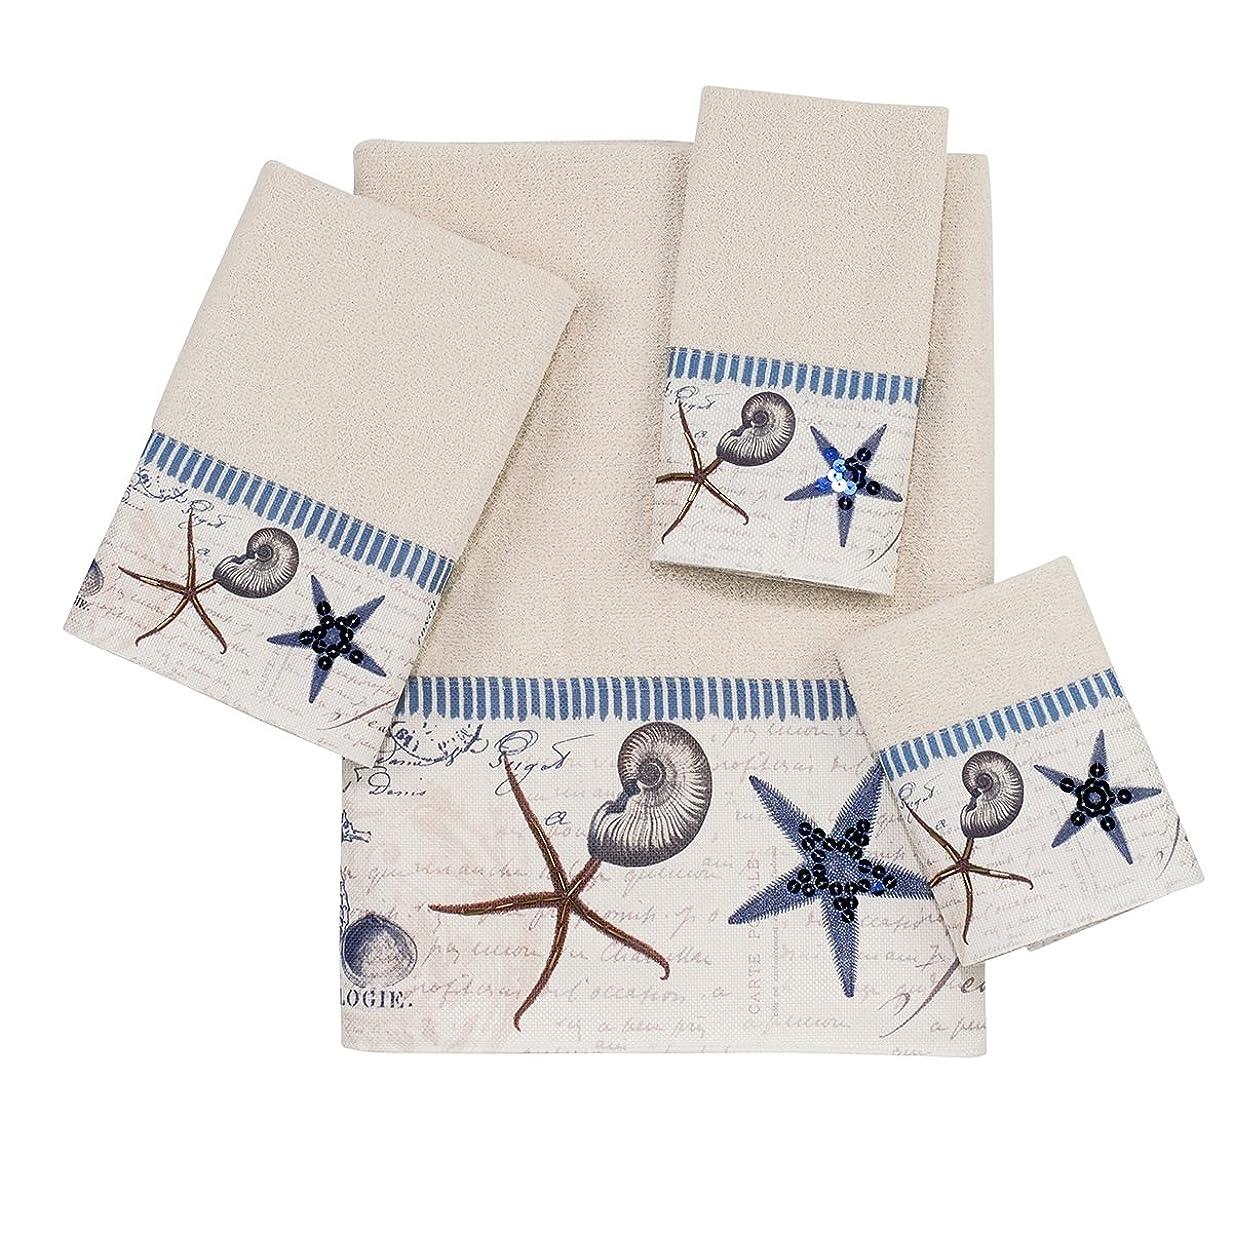 飲食店同様にナサニエル区Avanti Linens Antigua 4-Piece Towel Set, Includes 1 Bath, 1 Hand, 1 Wash and 1 Fingertip Towel, Ivory